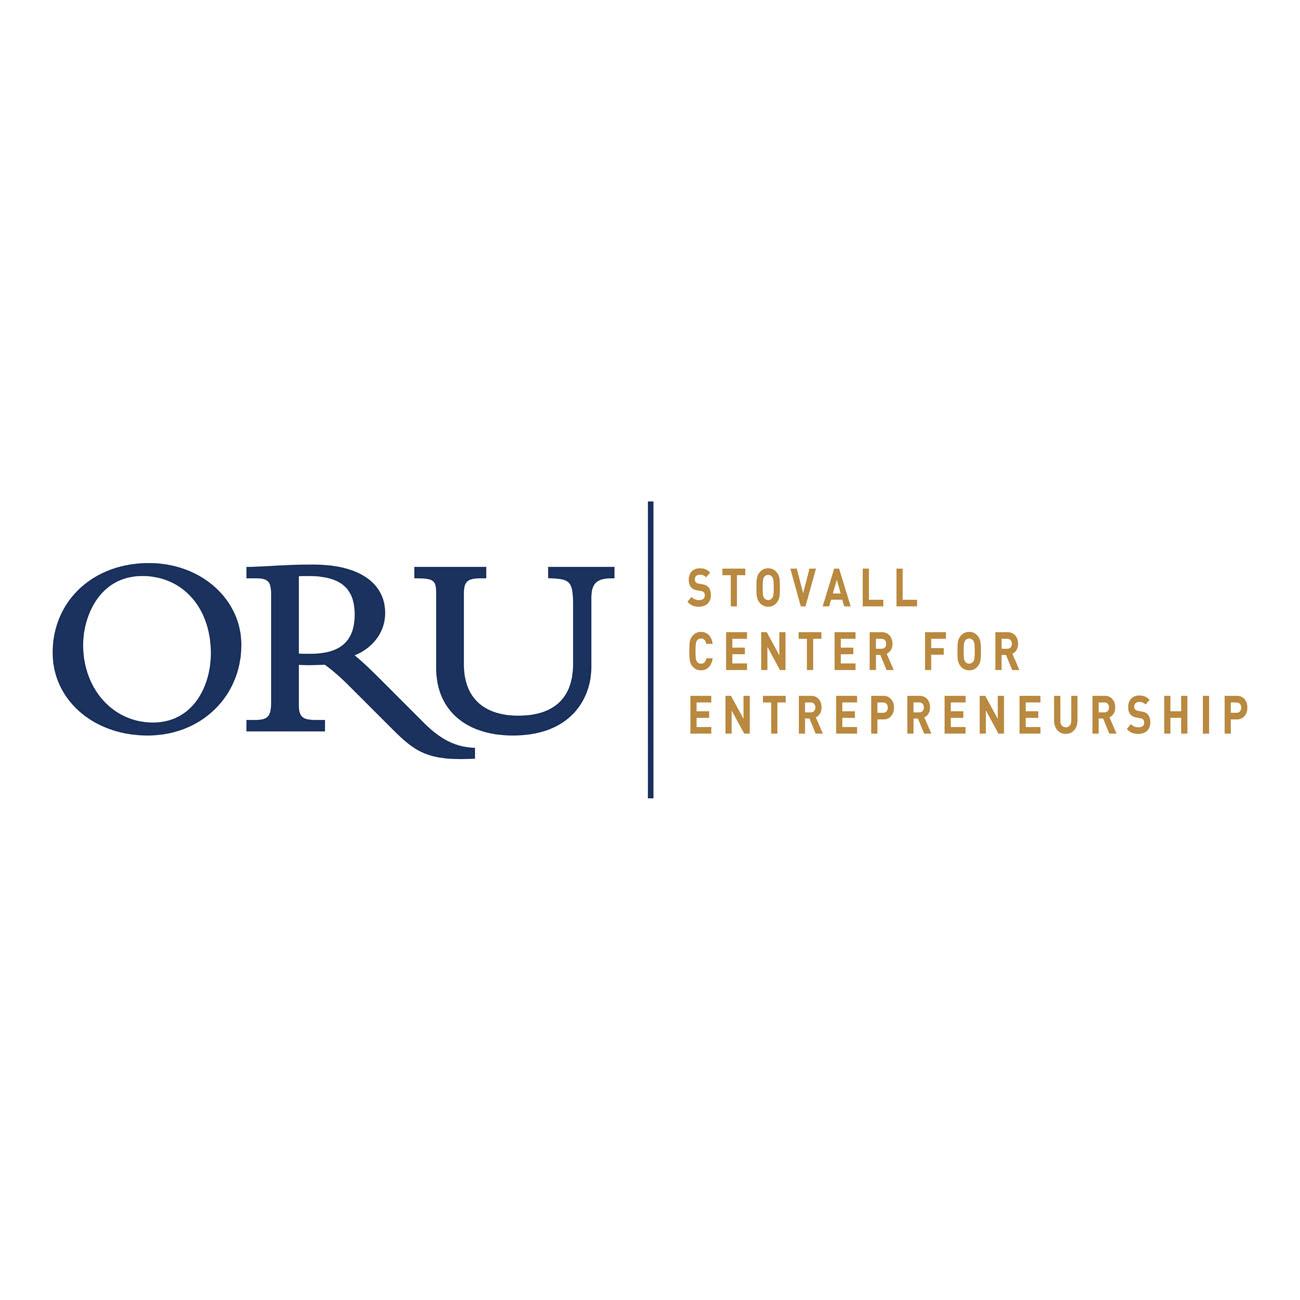 ORU Stovall Center for Entrepreneurship